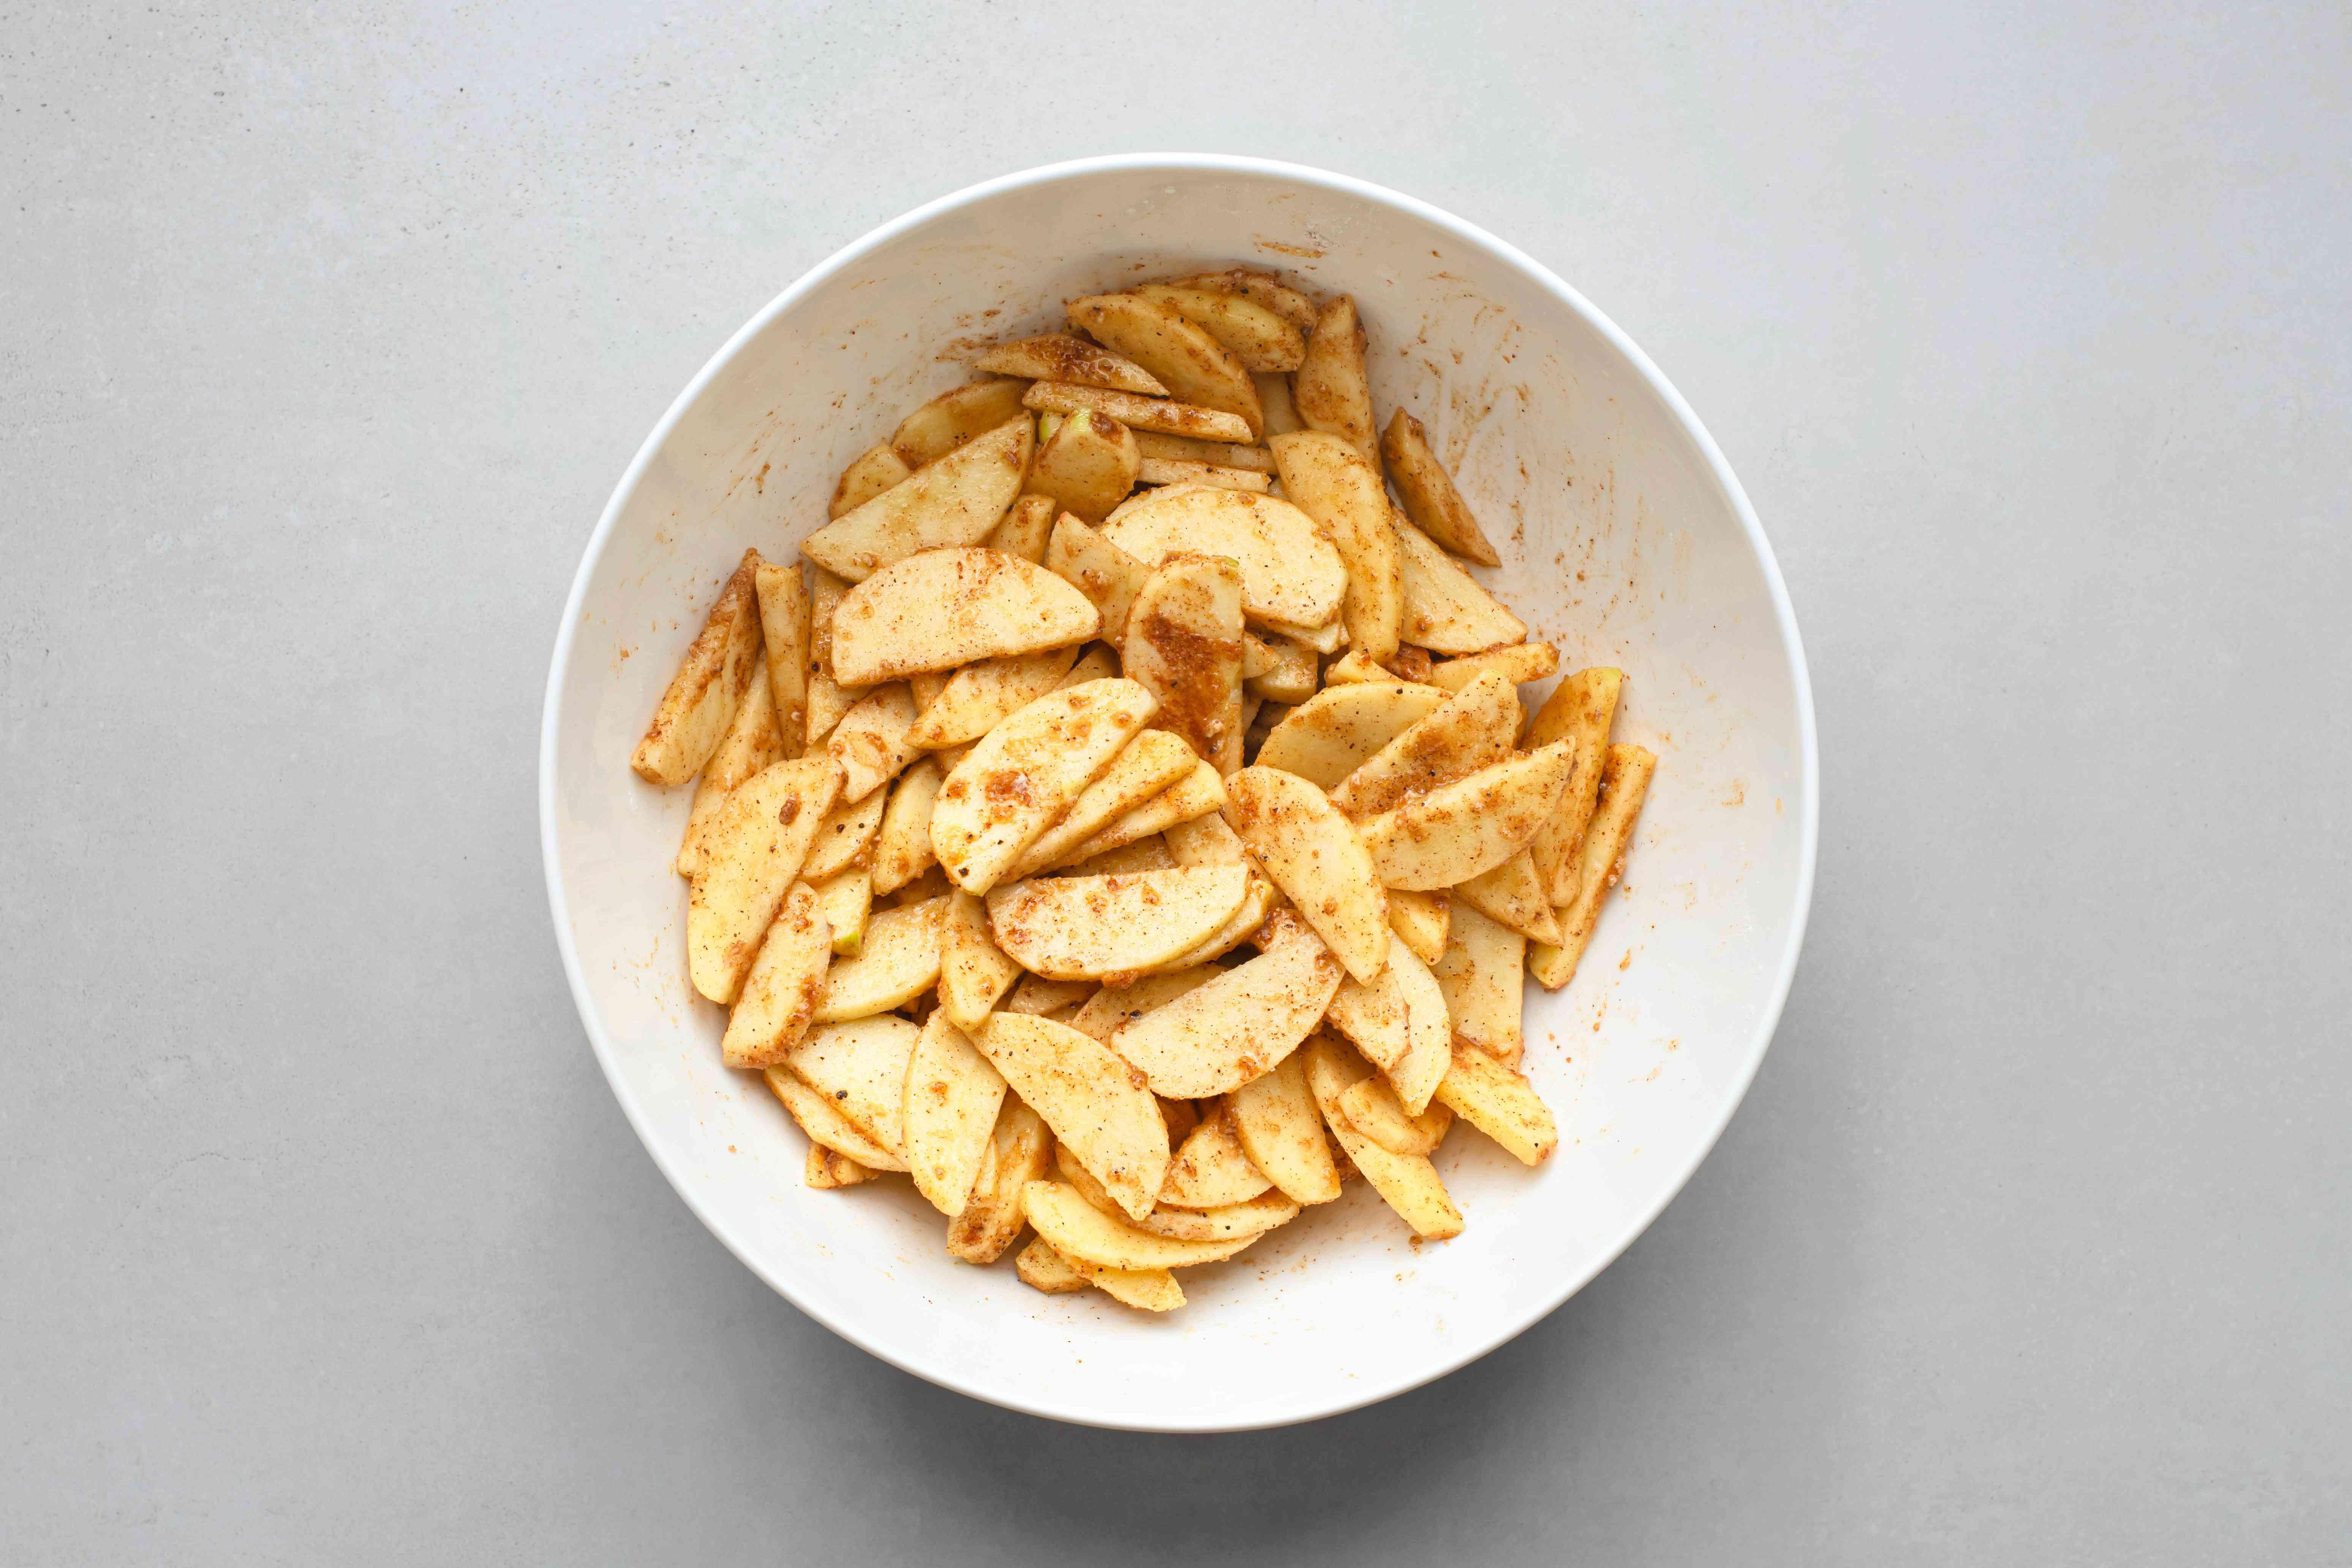 Sprinkle the apples with the brown sugar, sugar, flour, cinnamon, nutmeg, salt, cloves, and allspice